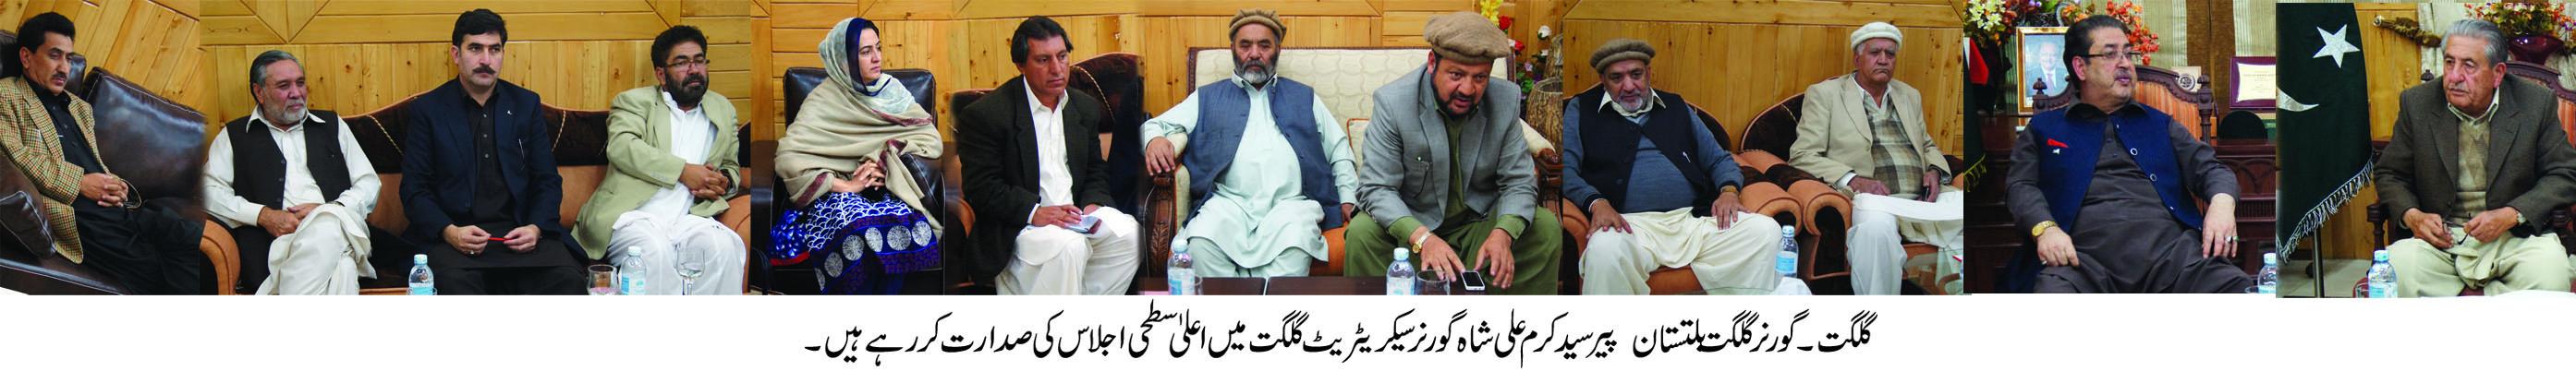 گورنر گلگت بلتستان کی صدارت میں اہم اجلاس، مختلف امور پر گفت و شنید کی گئی